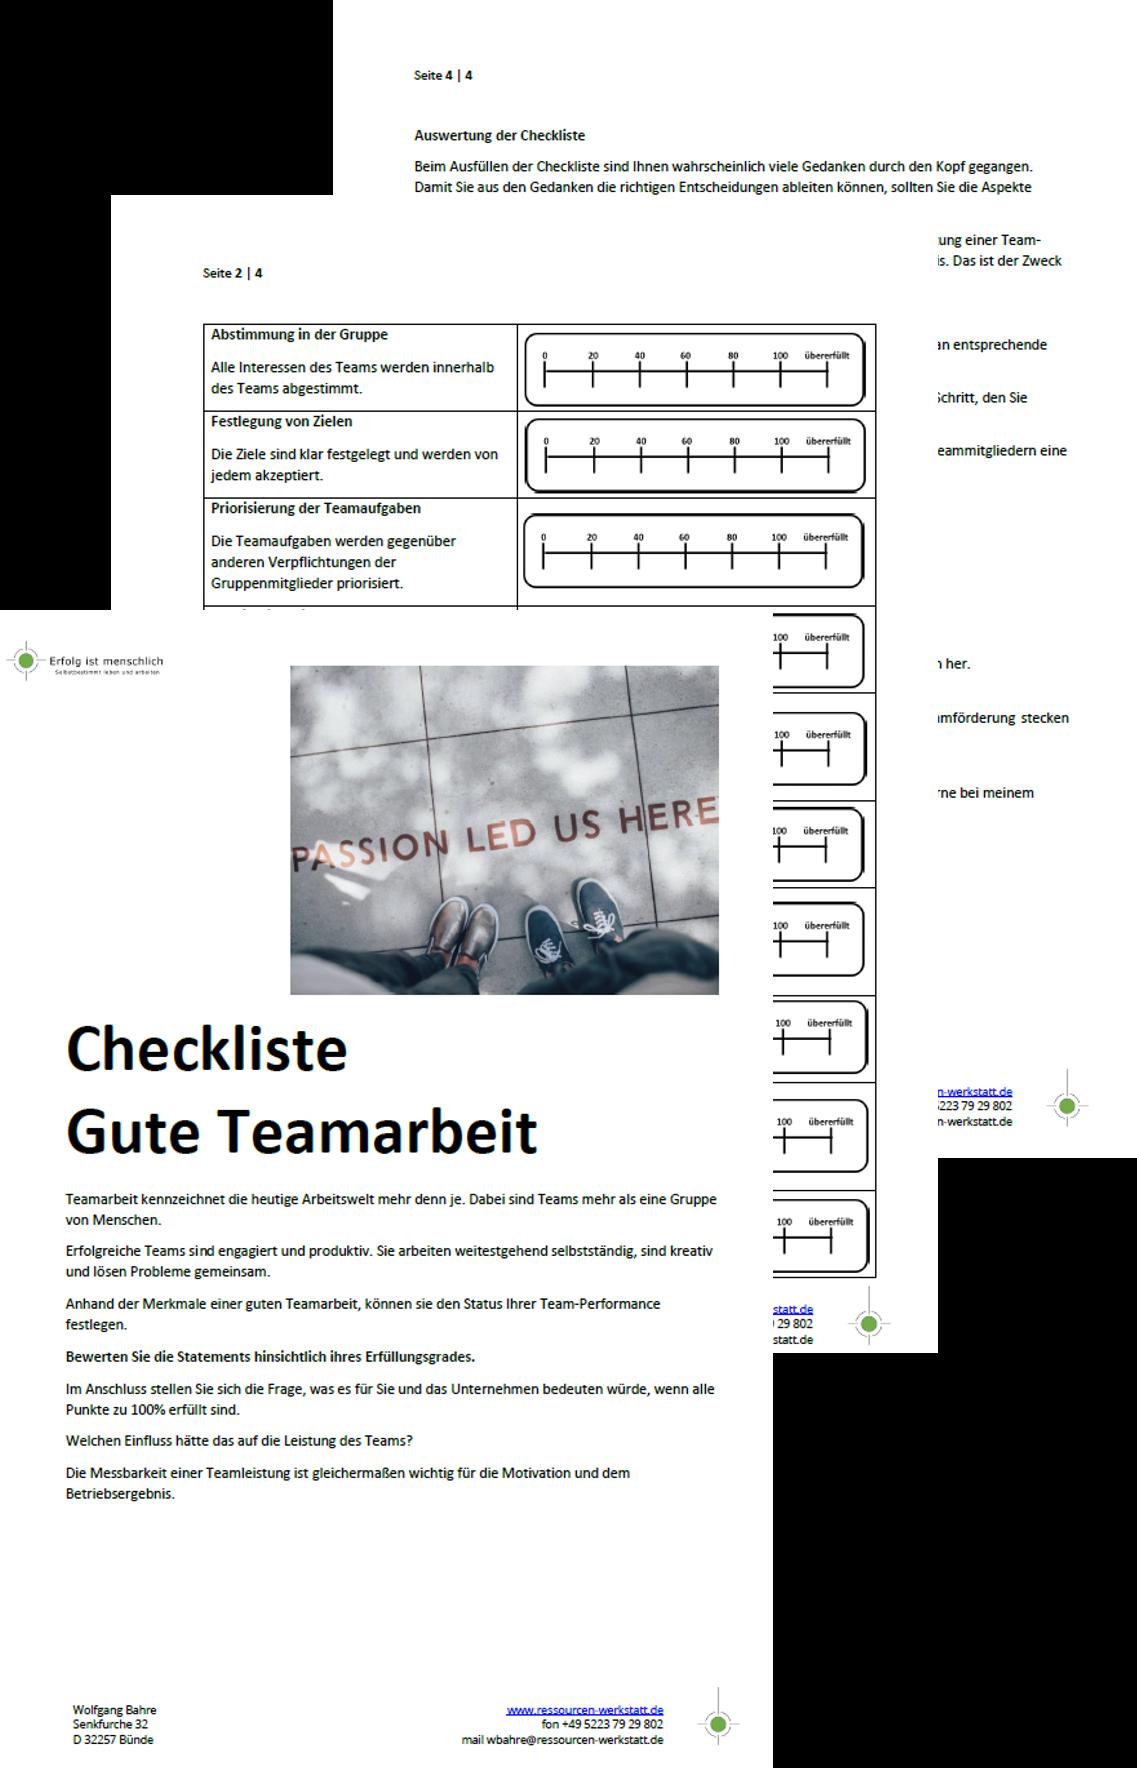 Checkliste Gute Teamarbeit